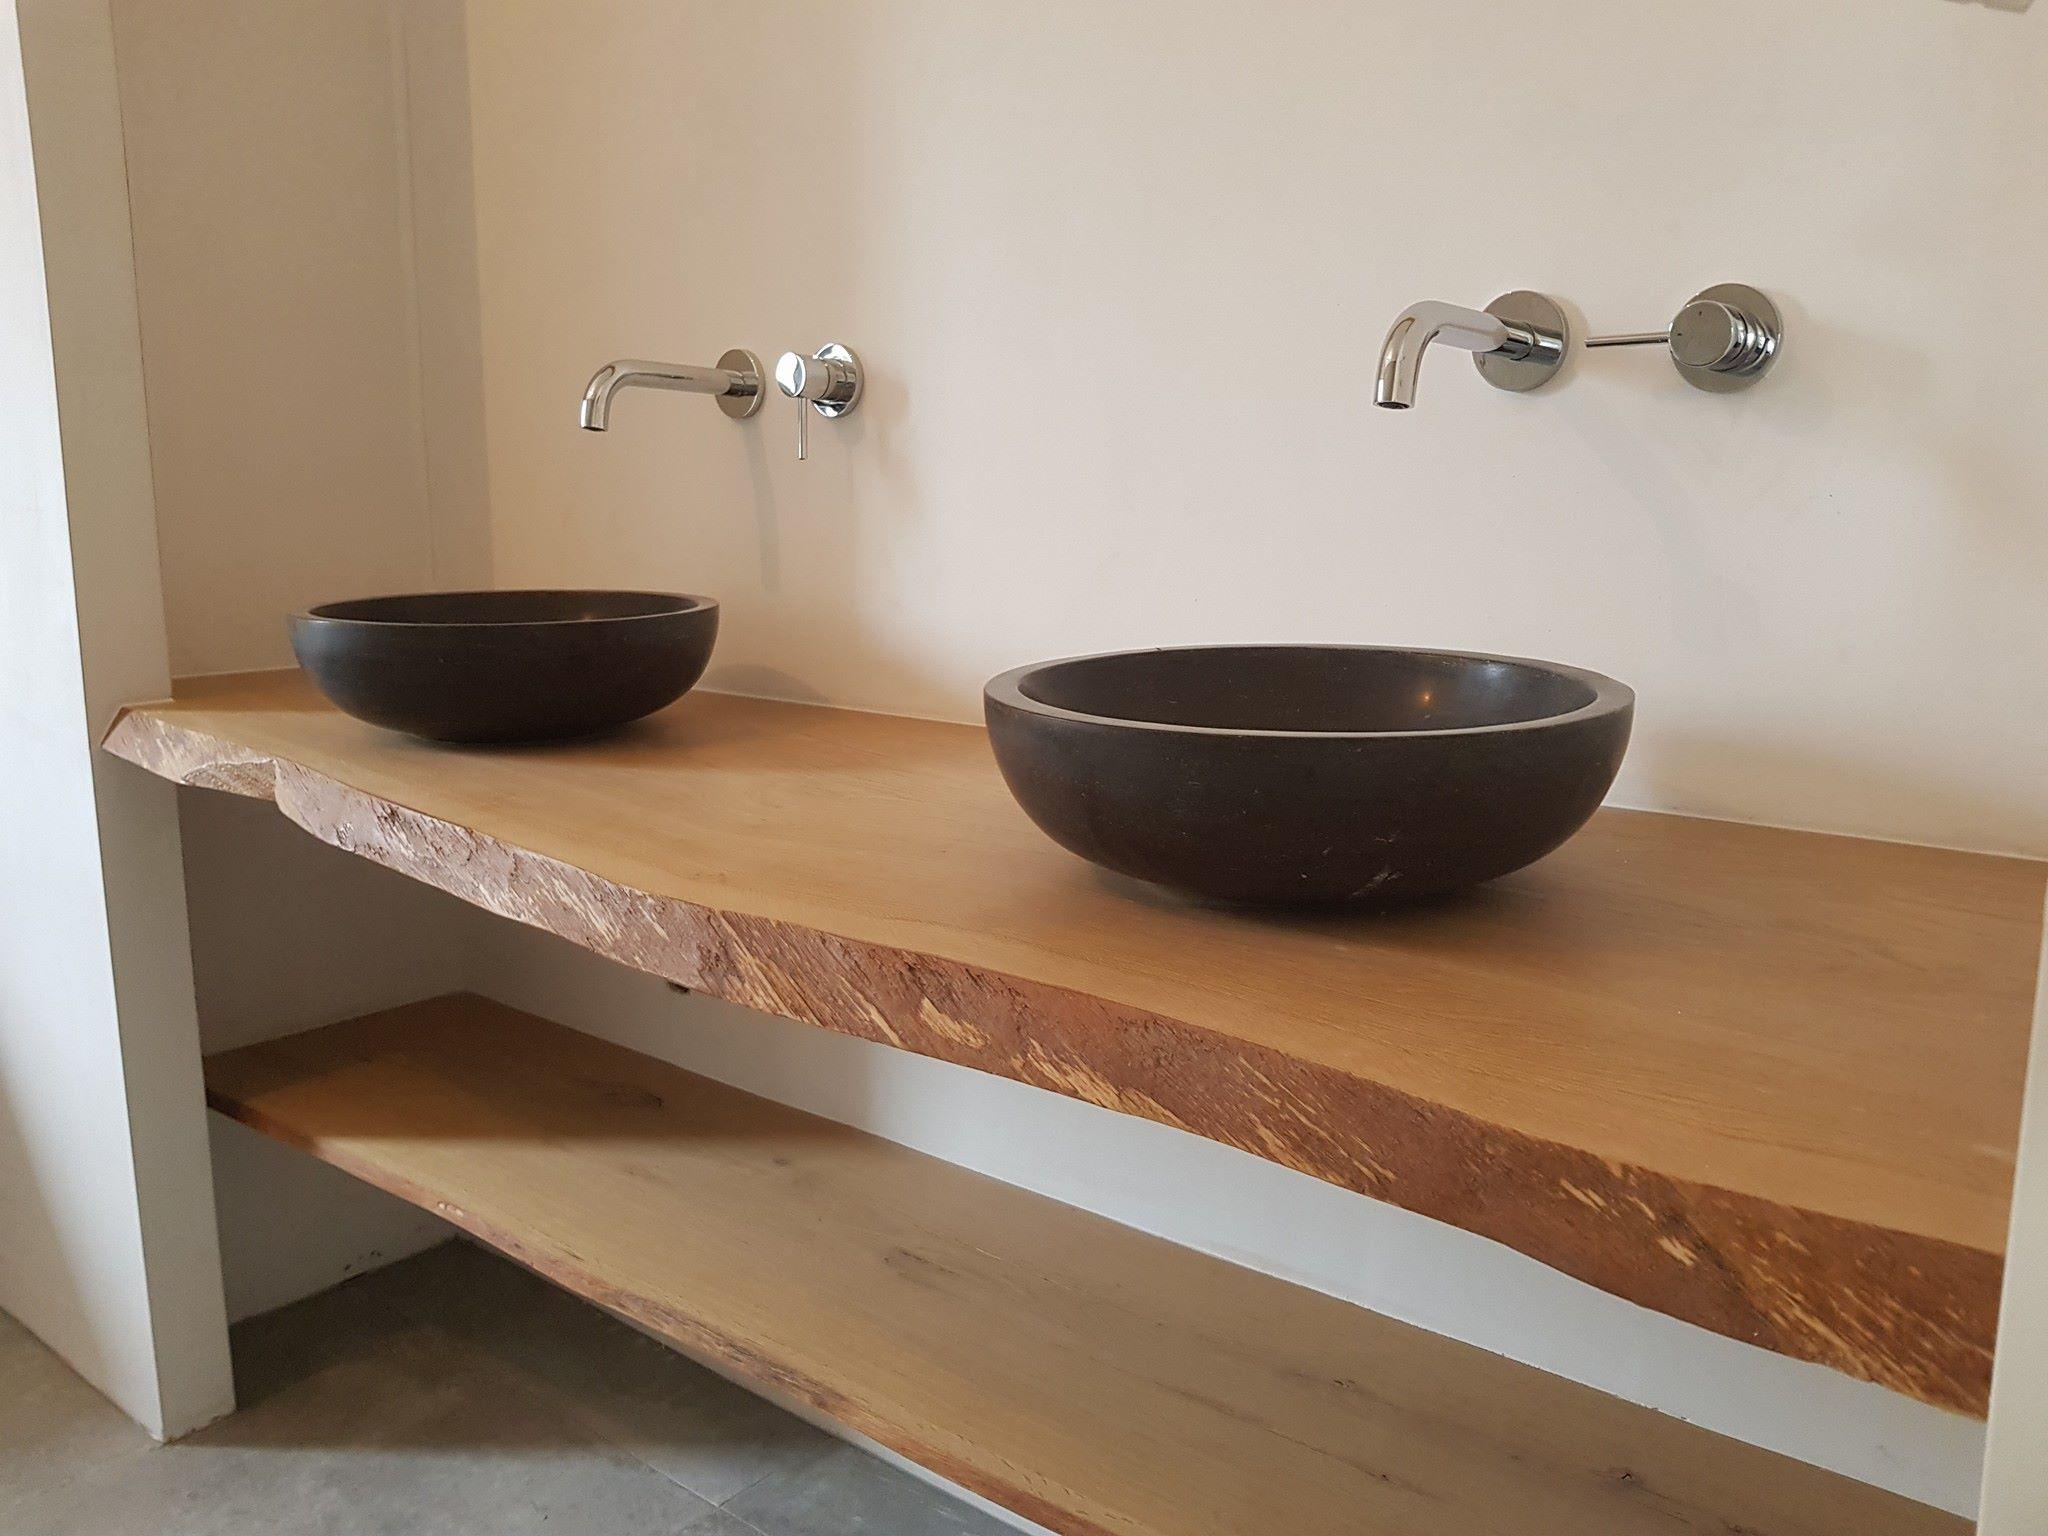 Spiksplinternieuw Wastafelkommen op houten plank - Van Gils Installatietechniek BD-27